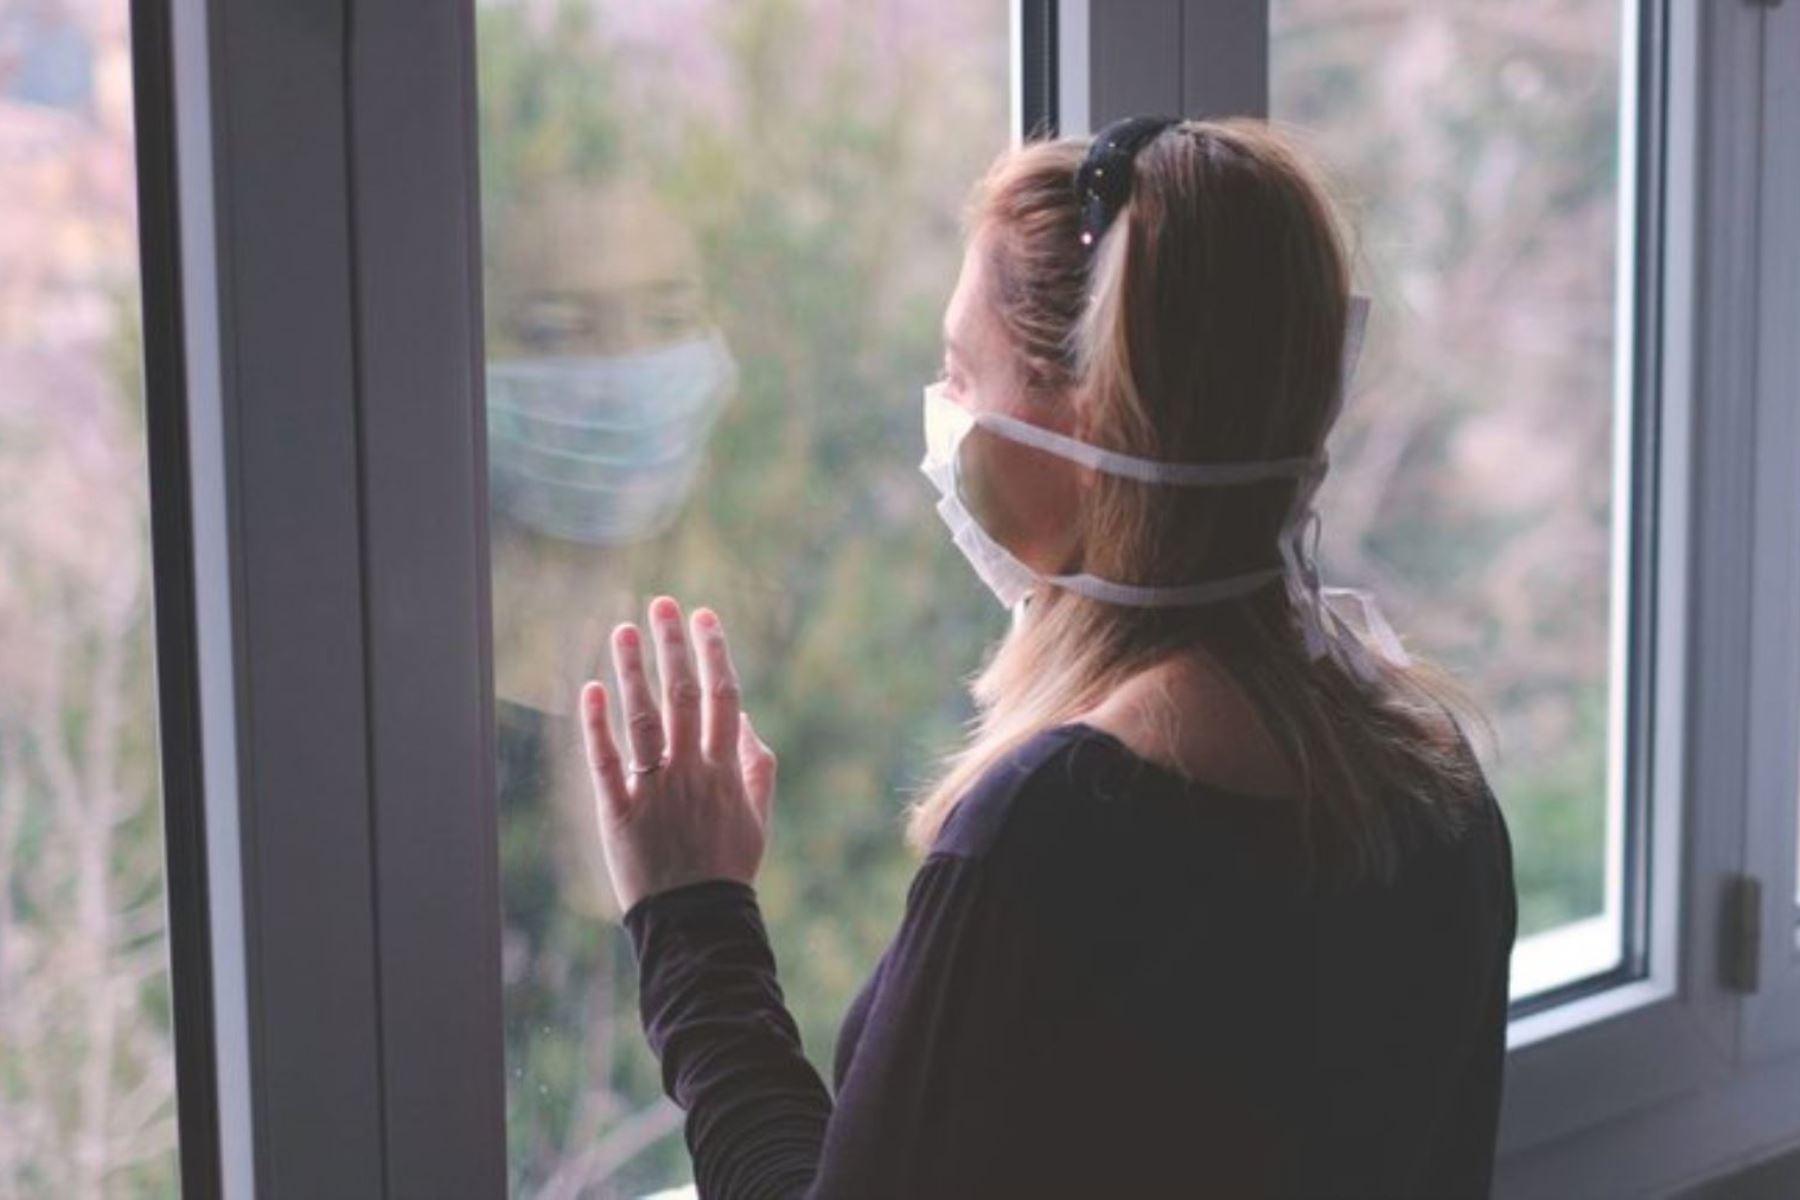 Experto pide a familias cuidar salud mental y acompañarse en Navidad mediante reuniones virtuales. Foto: Cortesía